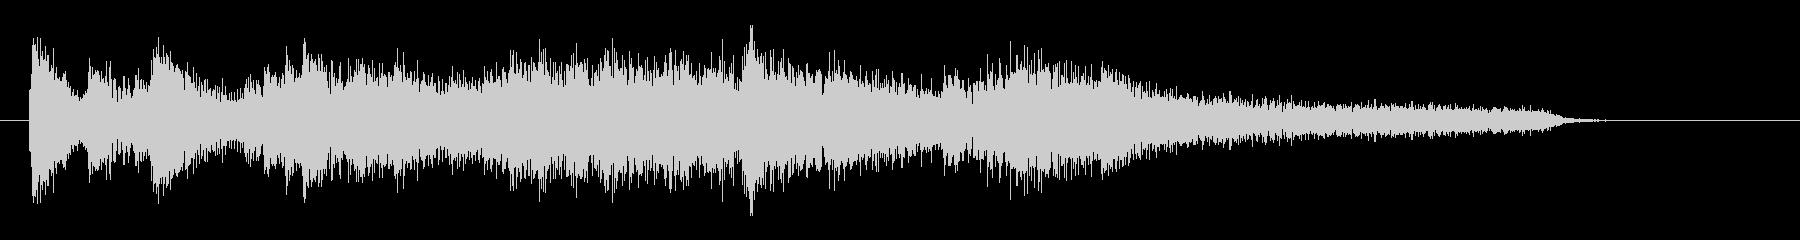 エレガントなJAZZピアノのジングルの未再生の波形